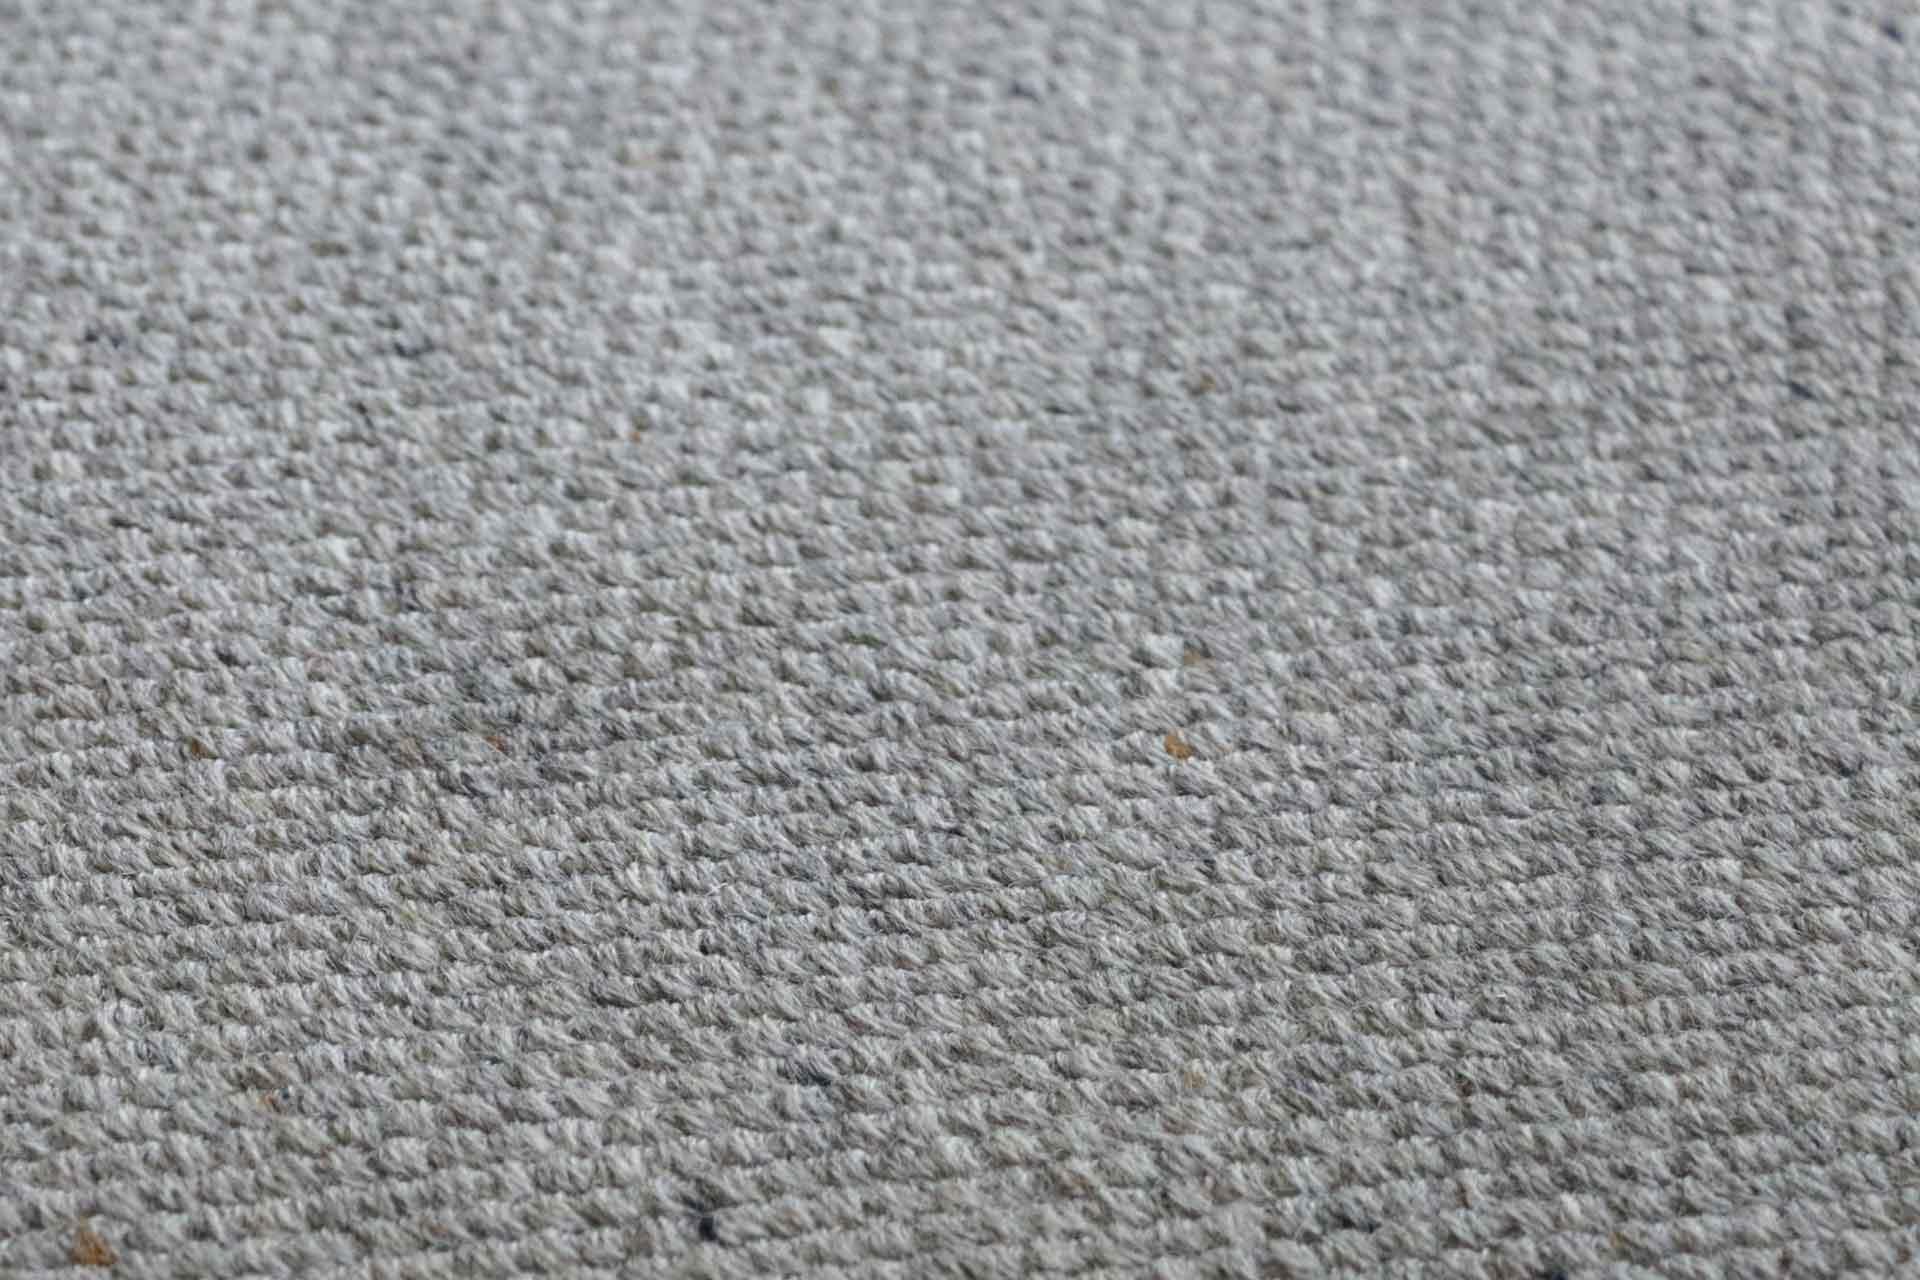 触れるとひんやりとすら感じるカーペットの表面